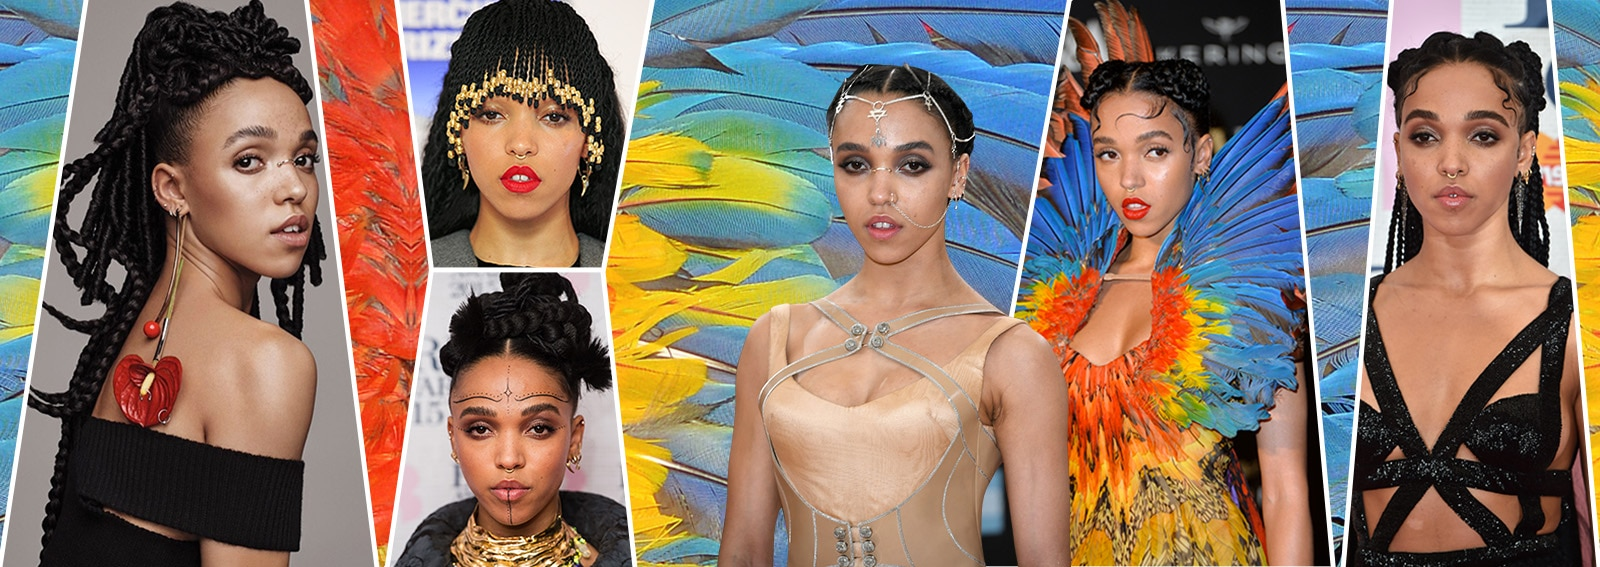 fka twigs beauty look trucco capelli collage_desktop